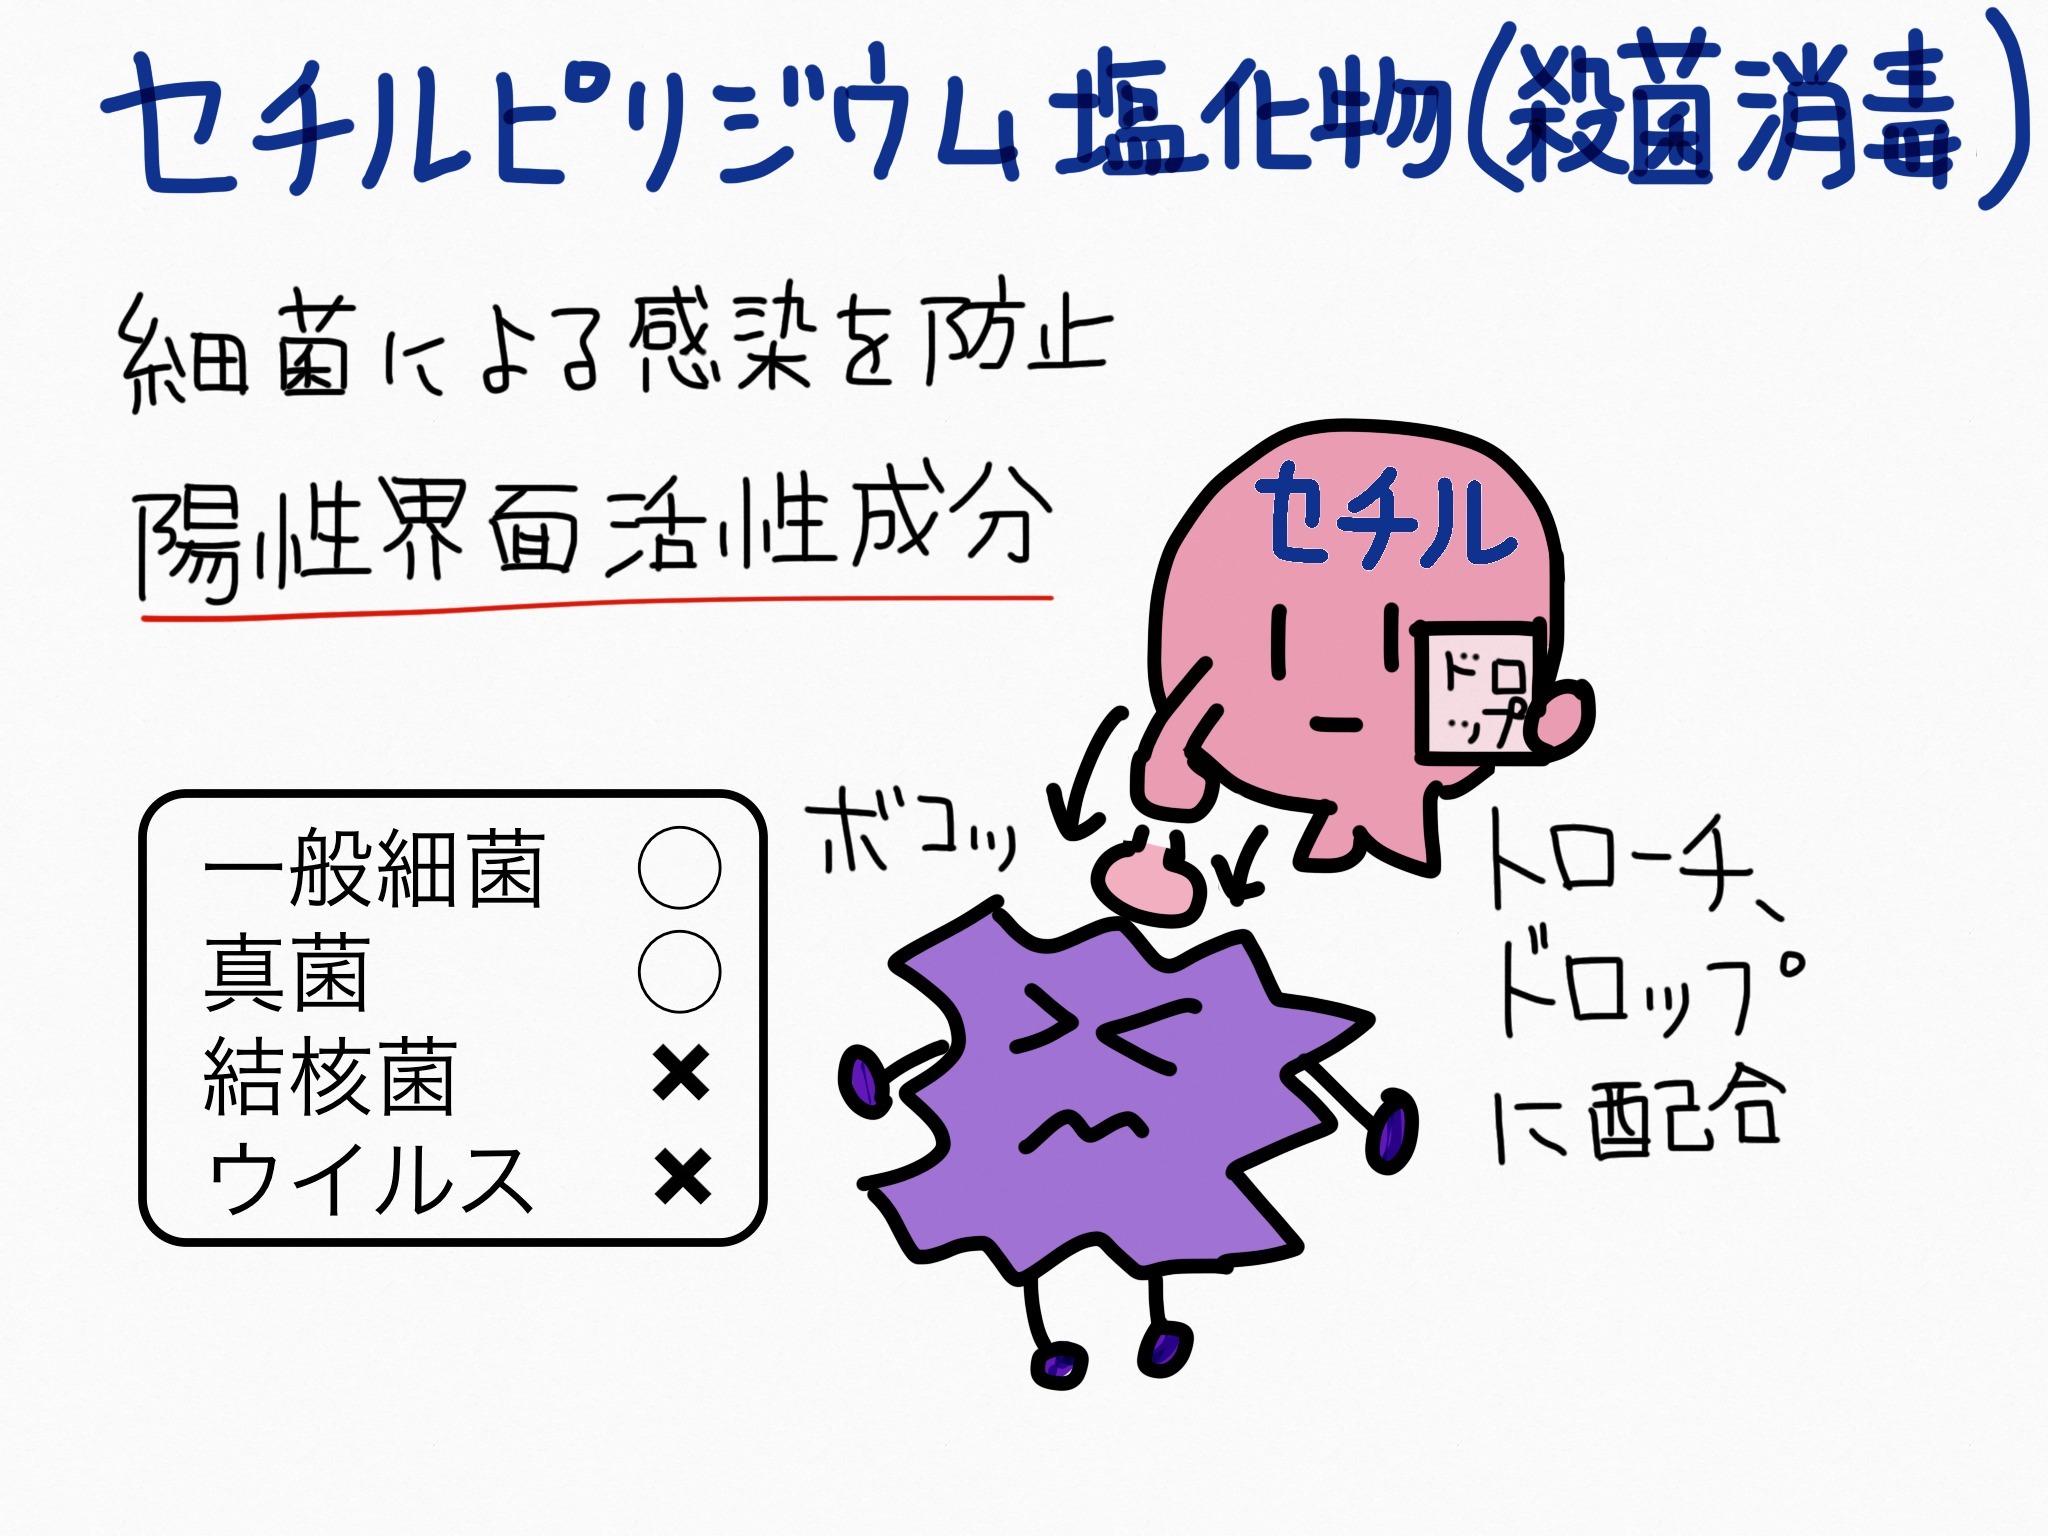 セチルピリジニウム塩化物・殺菌消毒成分の覚え方